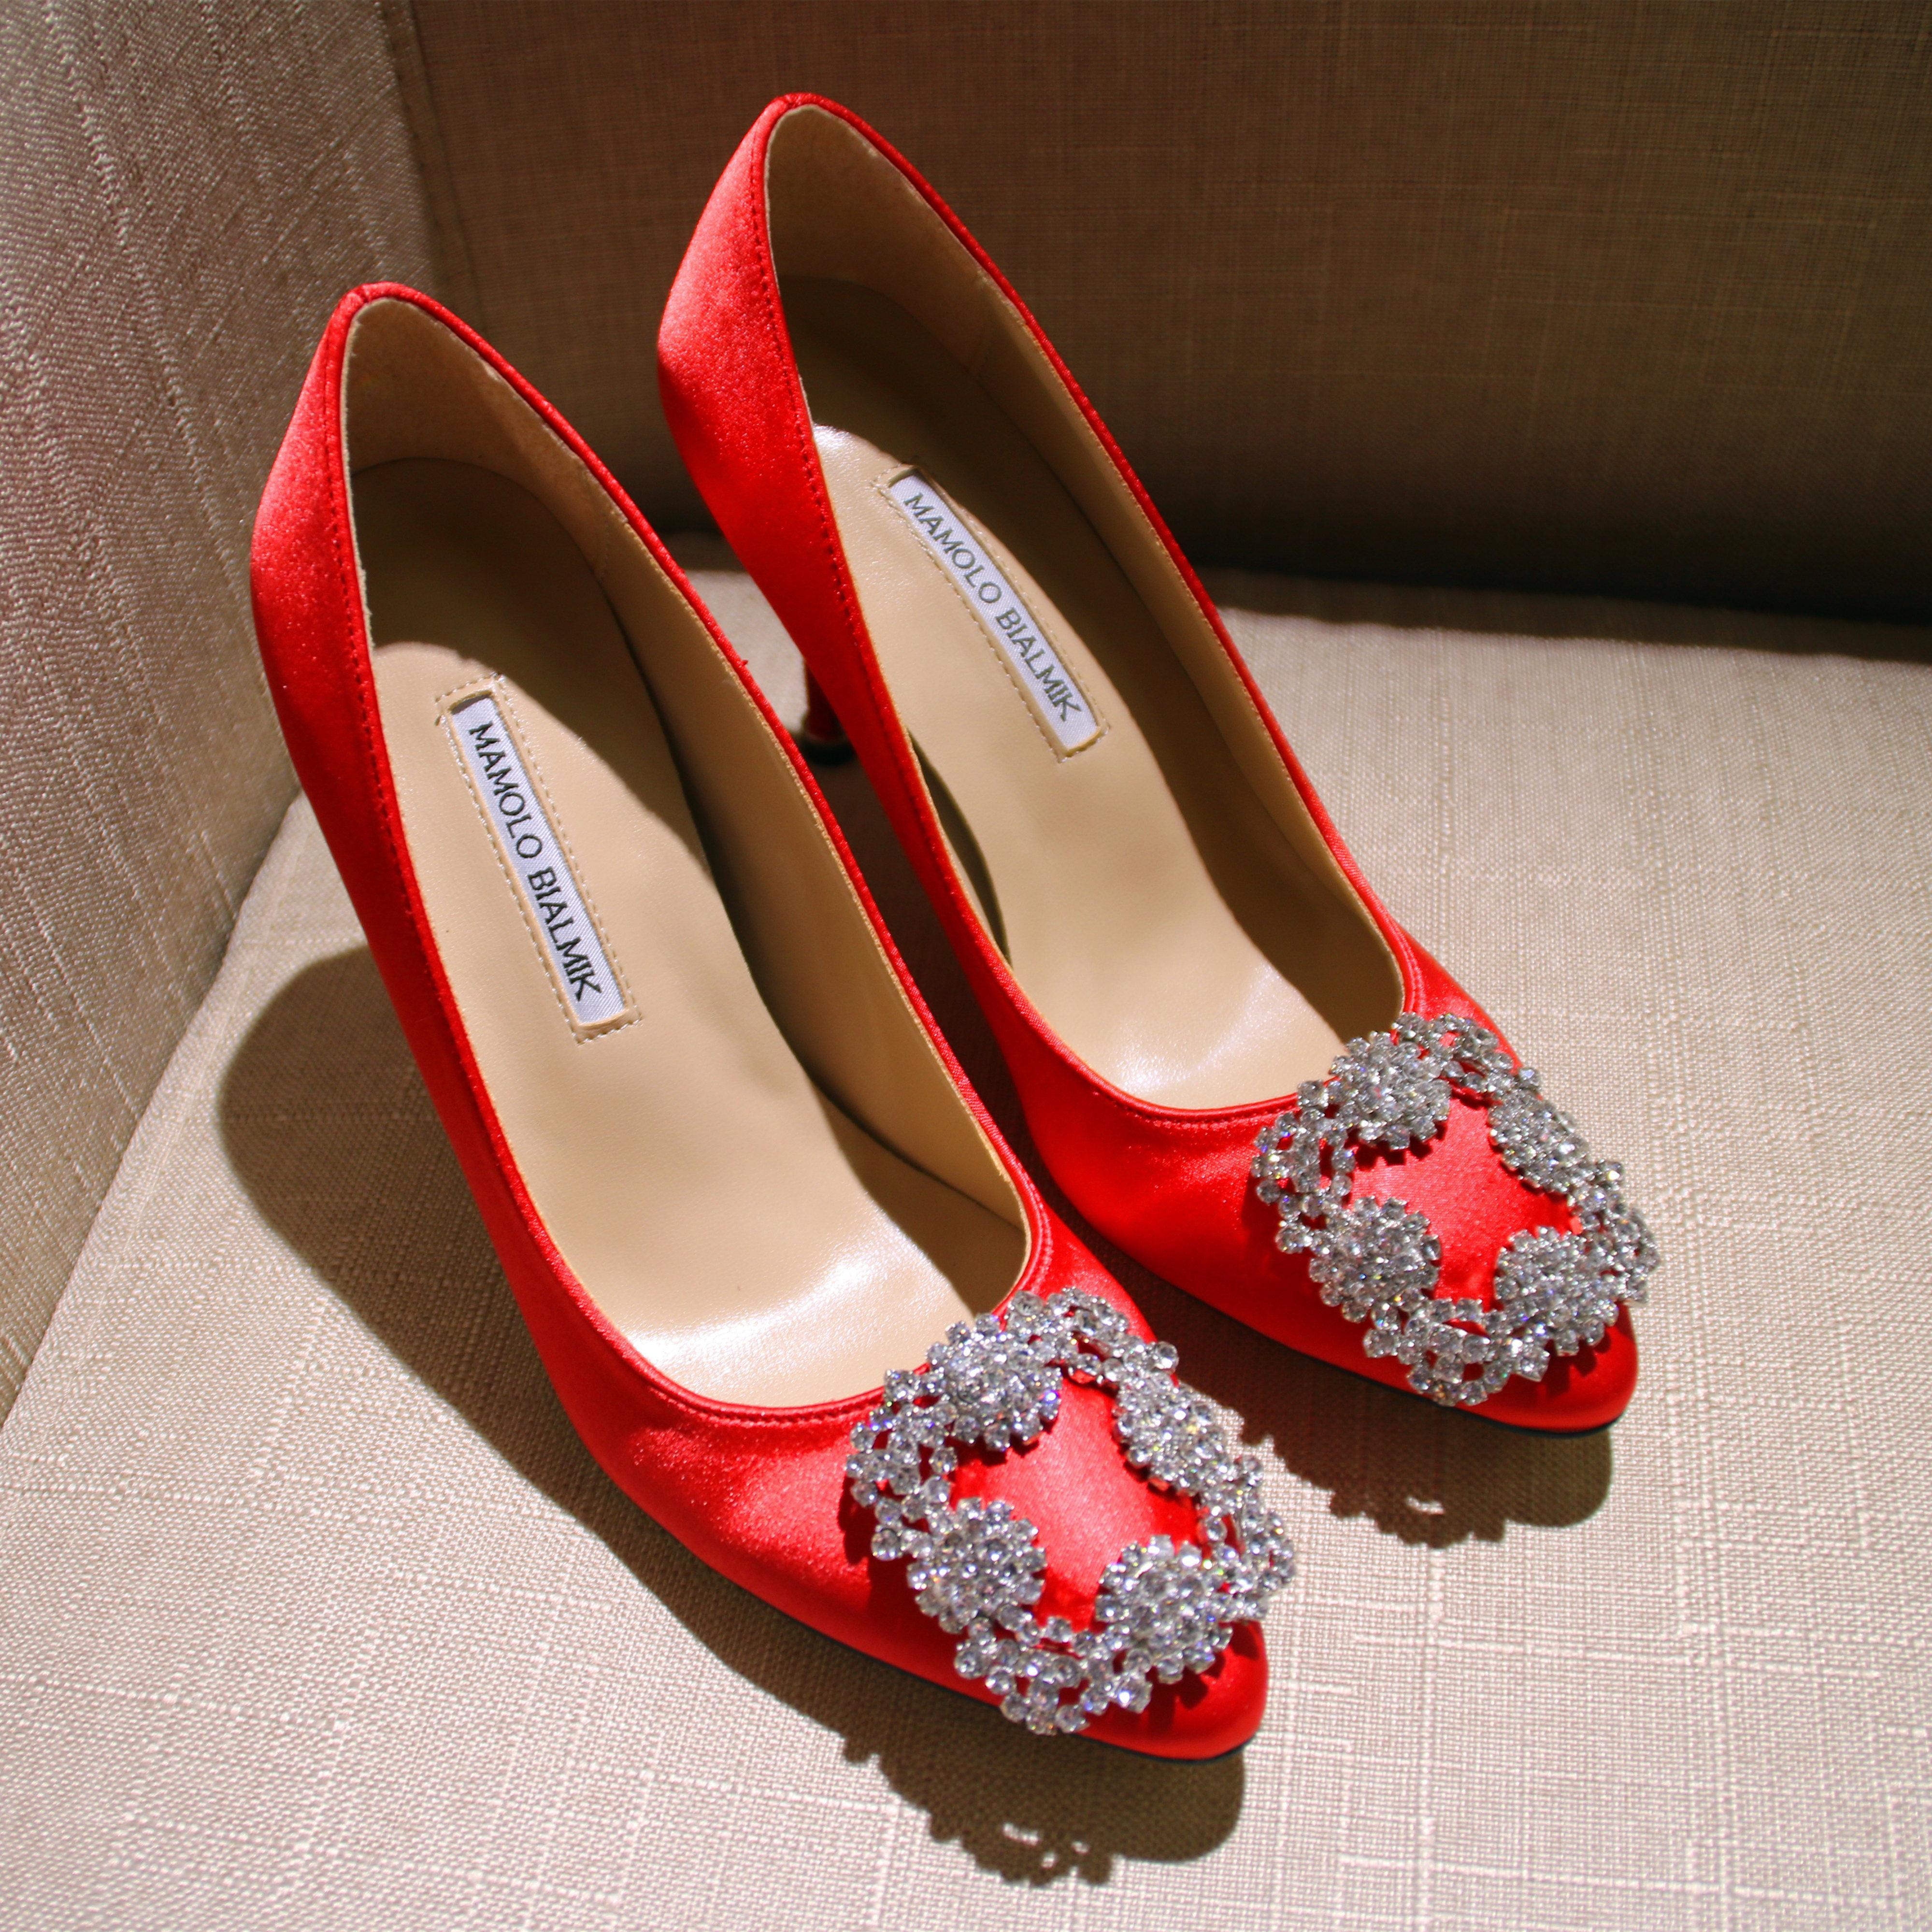 细高跟鞋 尖头水钻方扣高跟鞋细跟浅口绸缎单鞋真皮女鞋伴娘鞋新娘红色婚鞋_推荐淘宝好看的女细高跟鞋